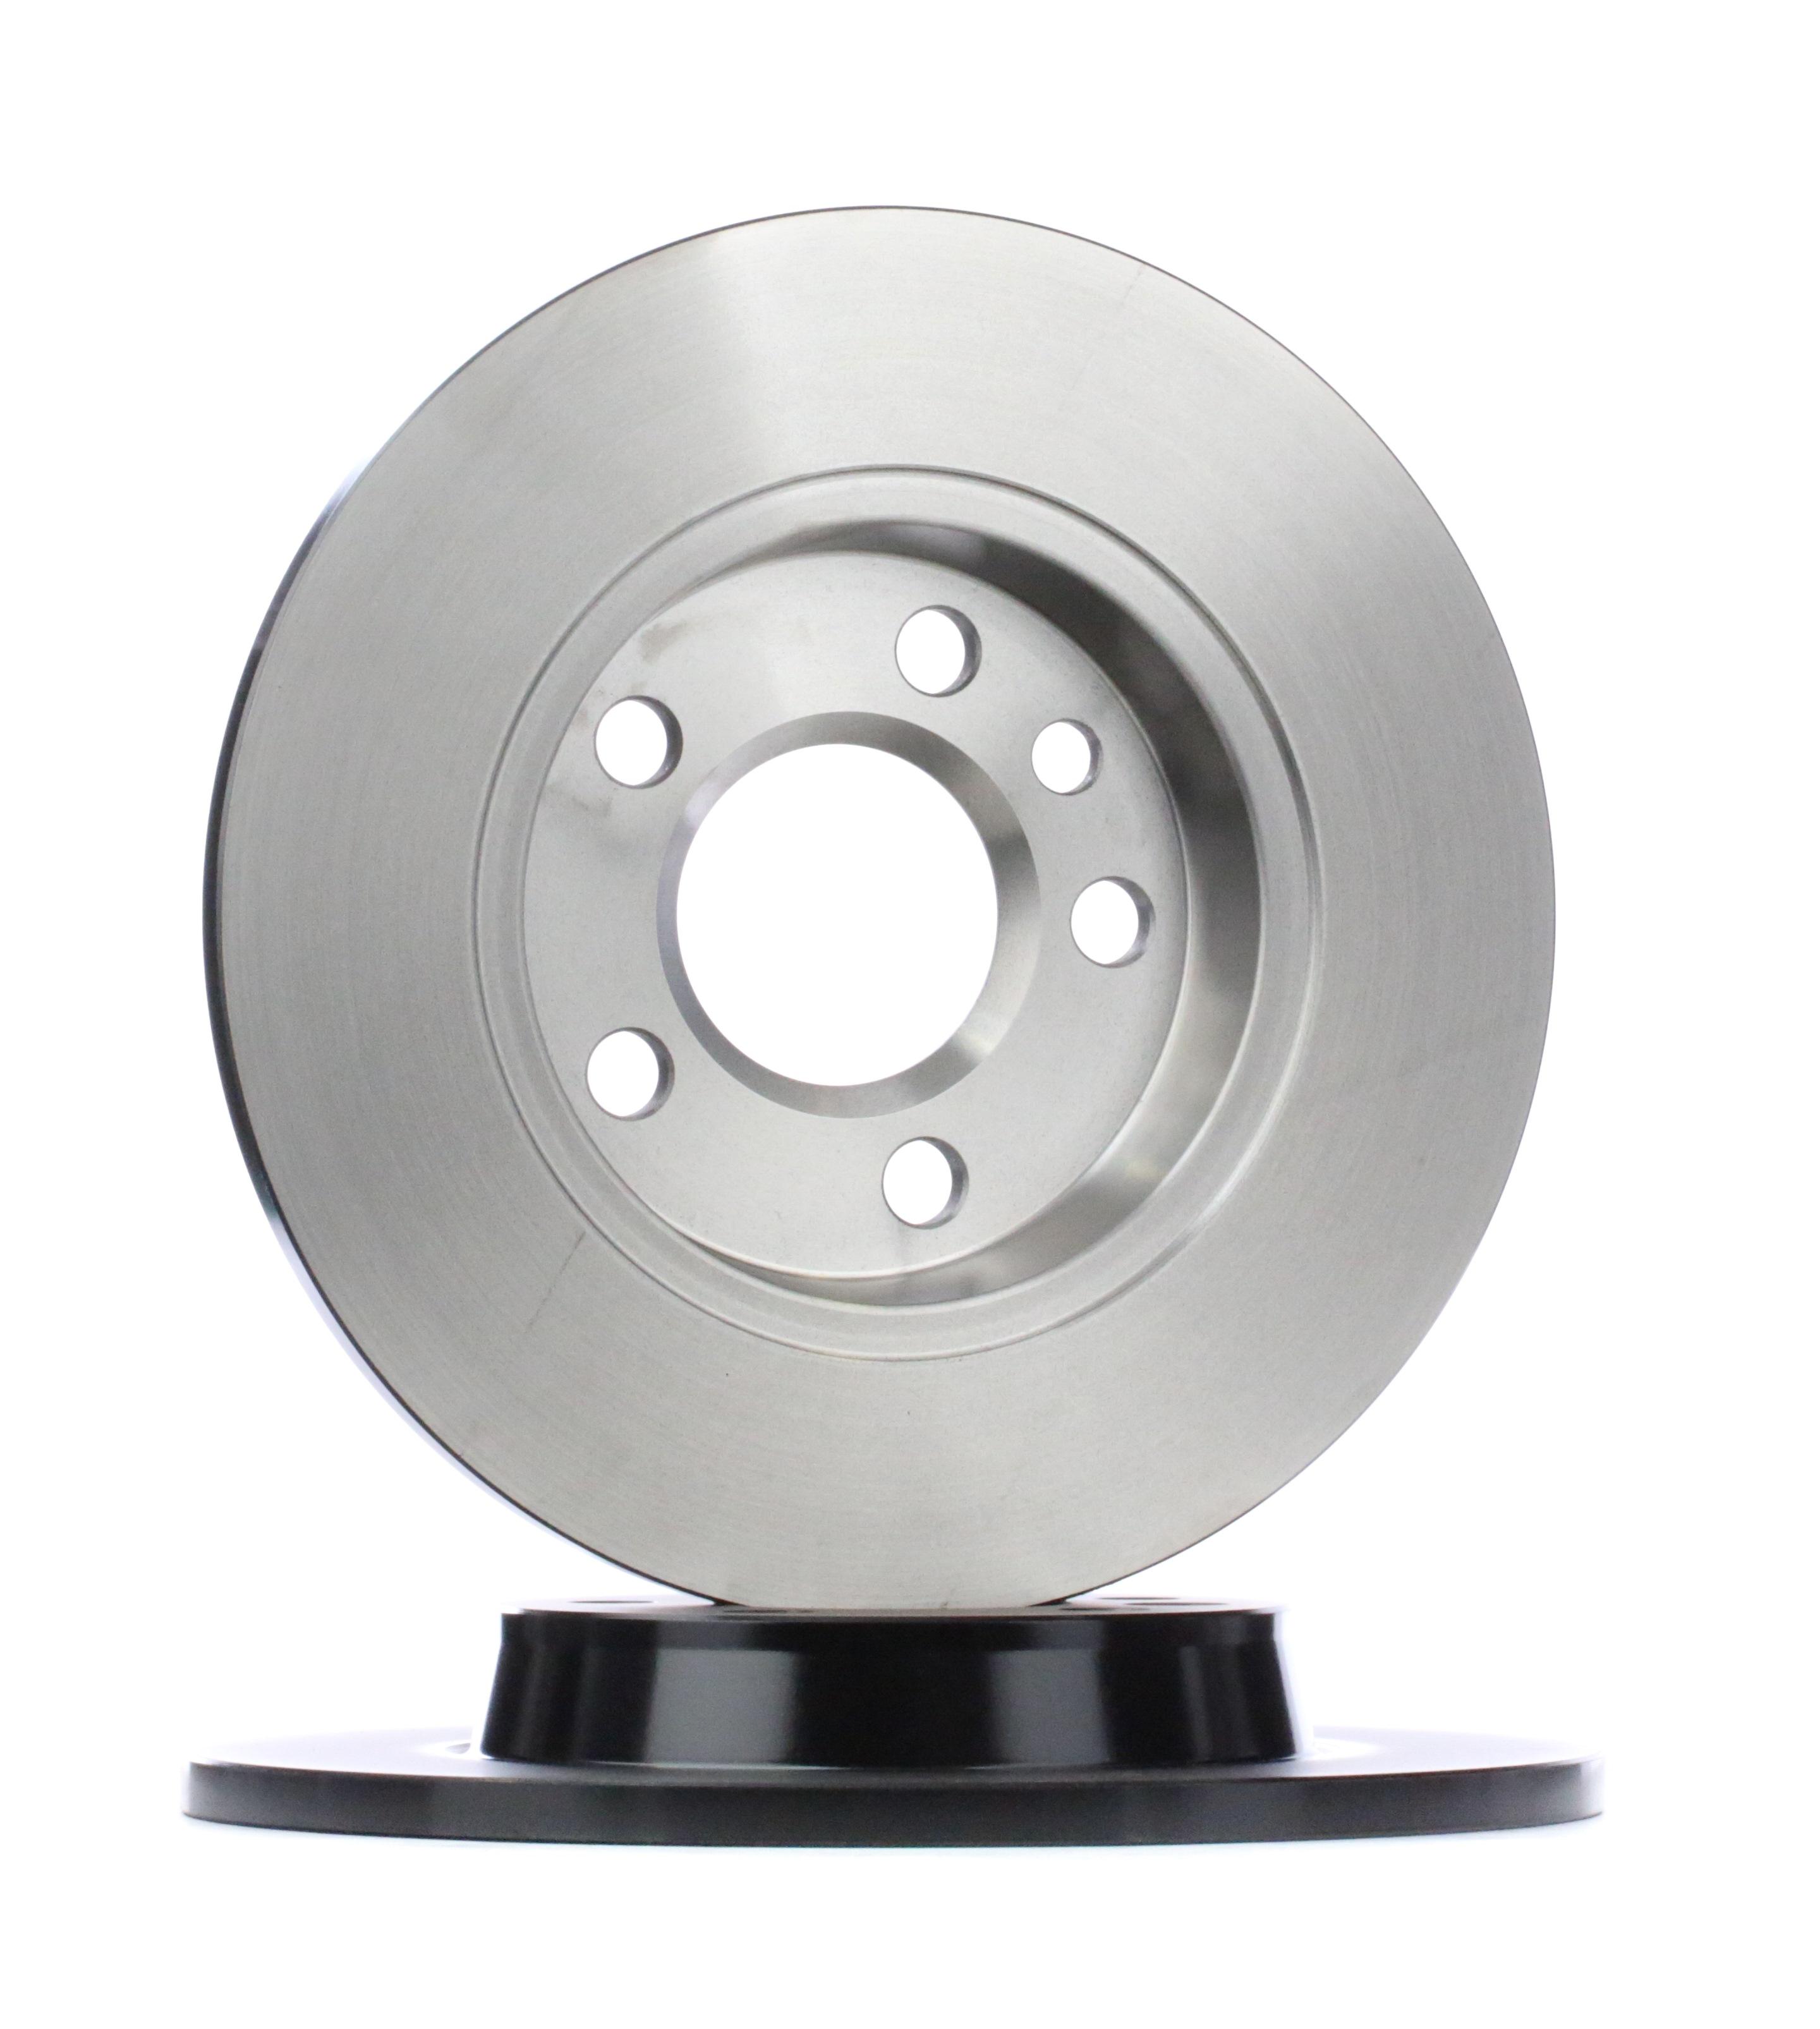 Achetez Disque TRW DF4047 (Ø: 280mm, Nbre de trous: 5, Épaisseur du disque de frein: 12mm) à un rapport qualité-prix exceptionnel